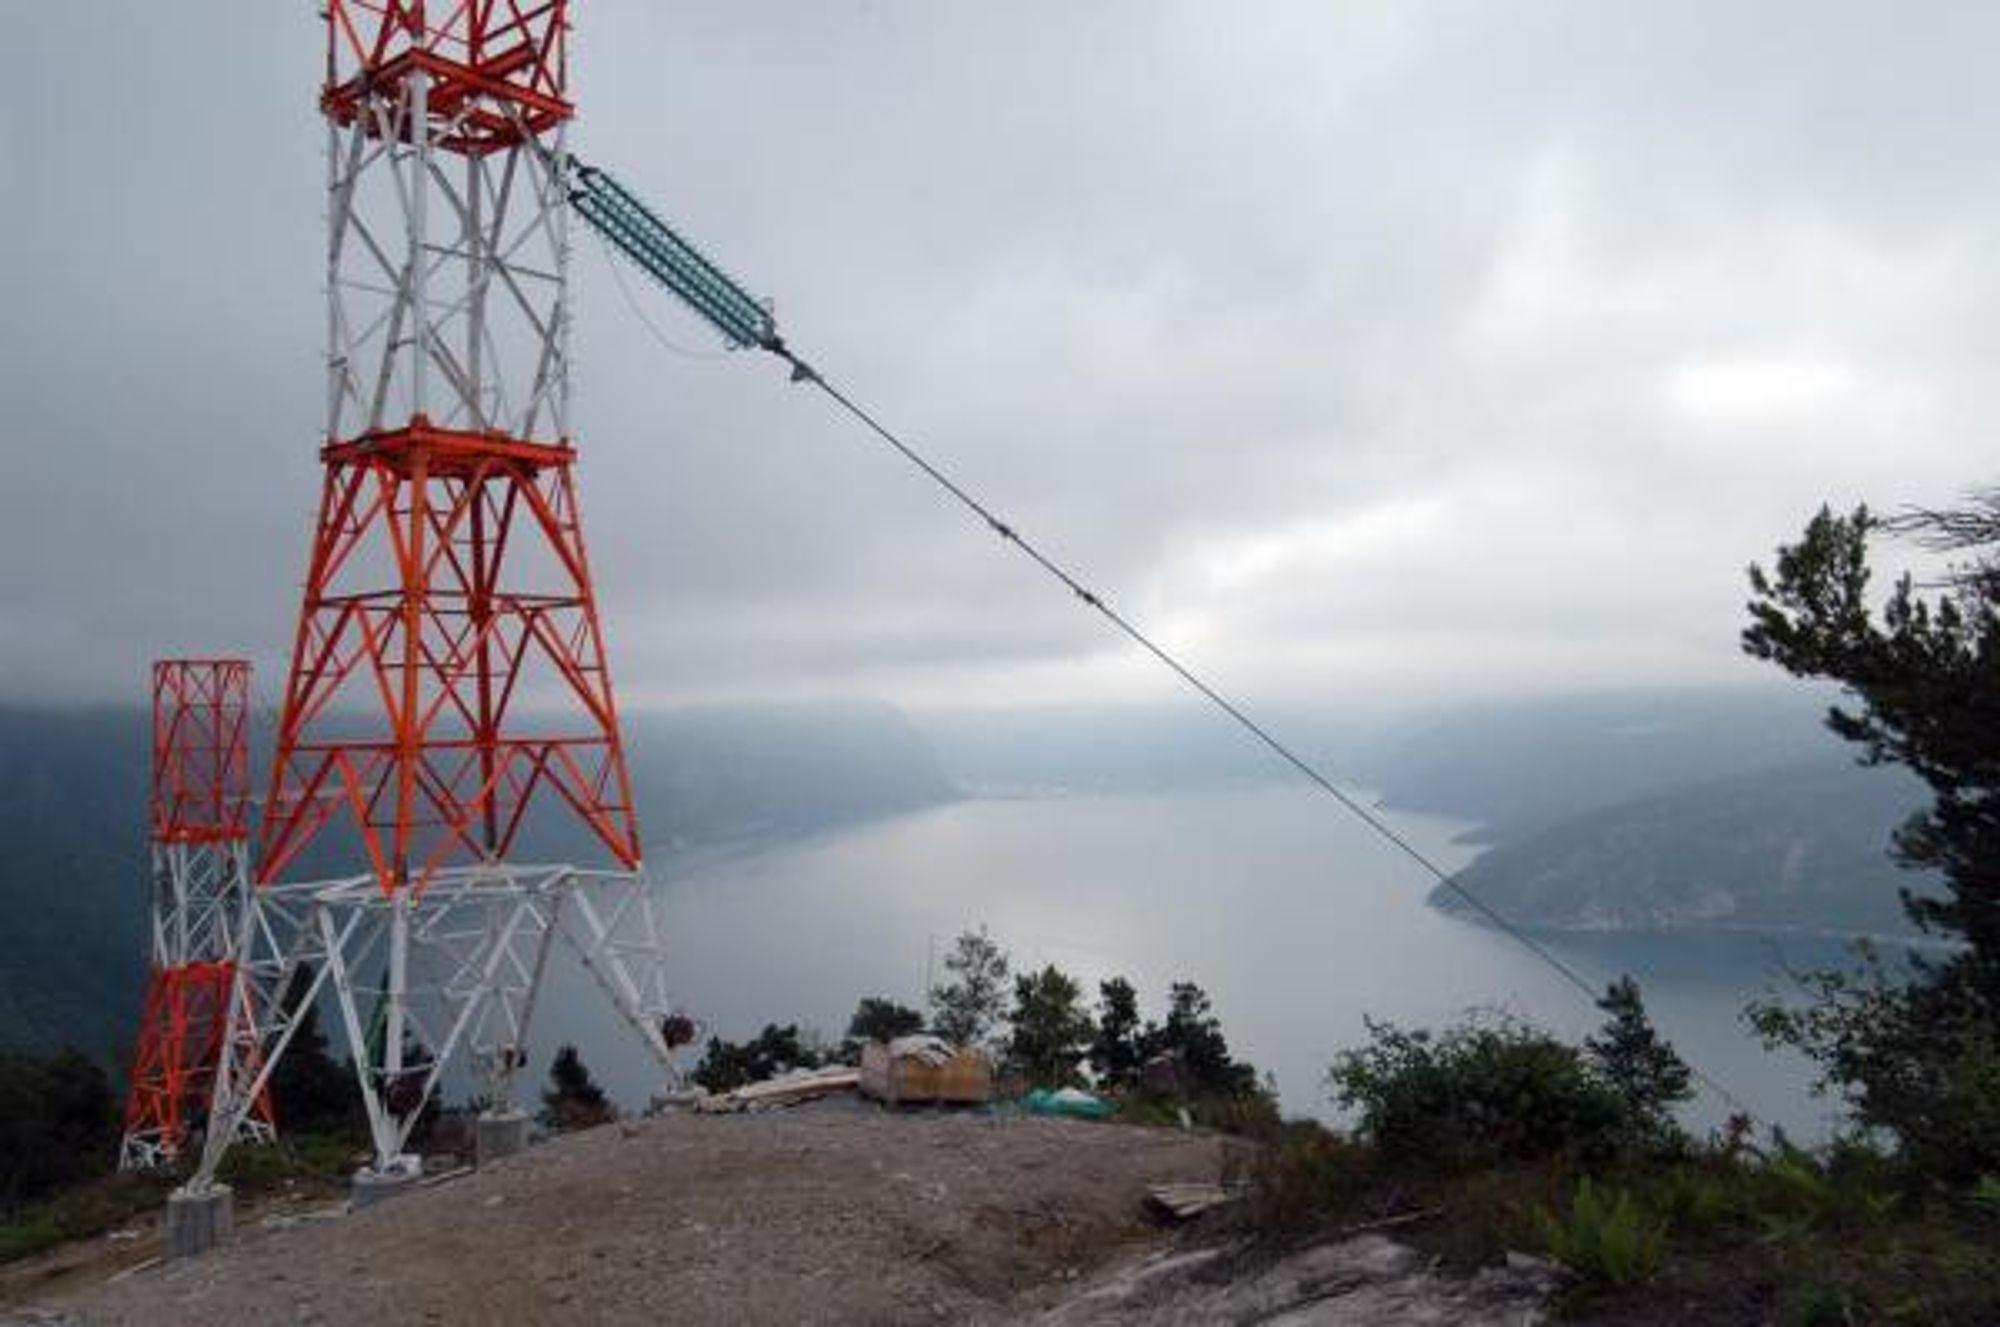 NY LINJE: Dette kraftspennet går over Sunndalsfjorden til koblingsanlegget på Viklandet hvor det skal bygges en ny 420 kV linje til Istad.